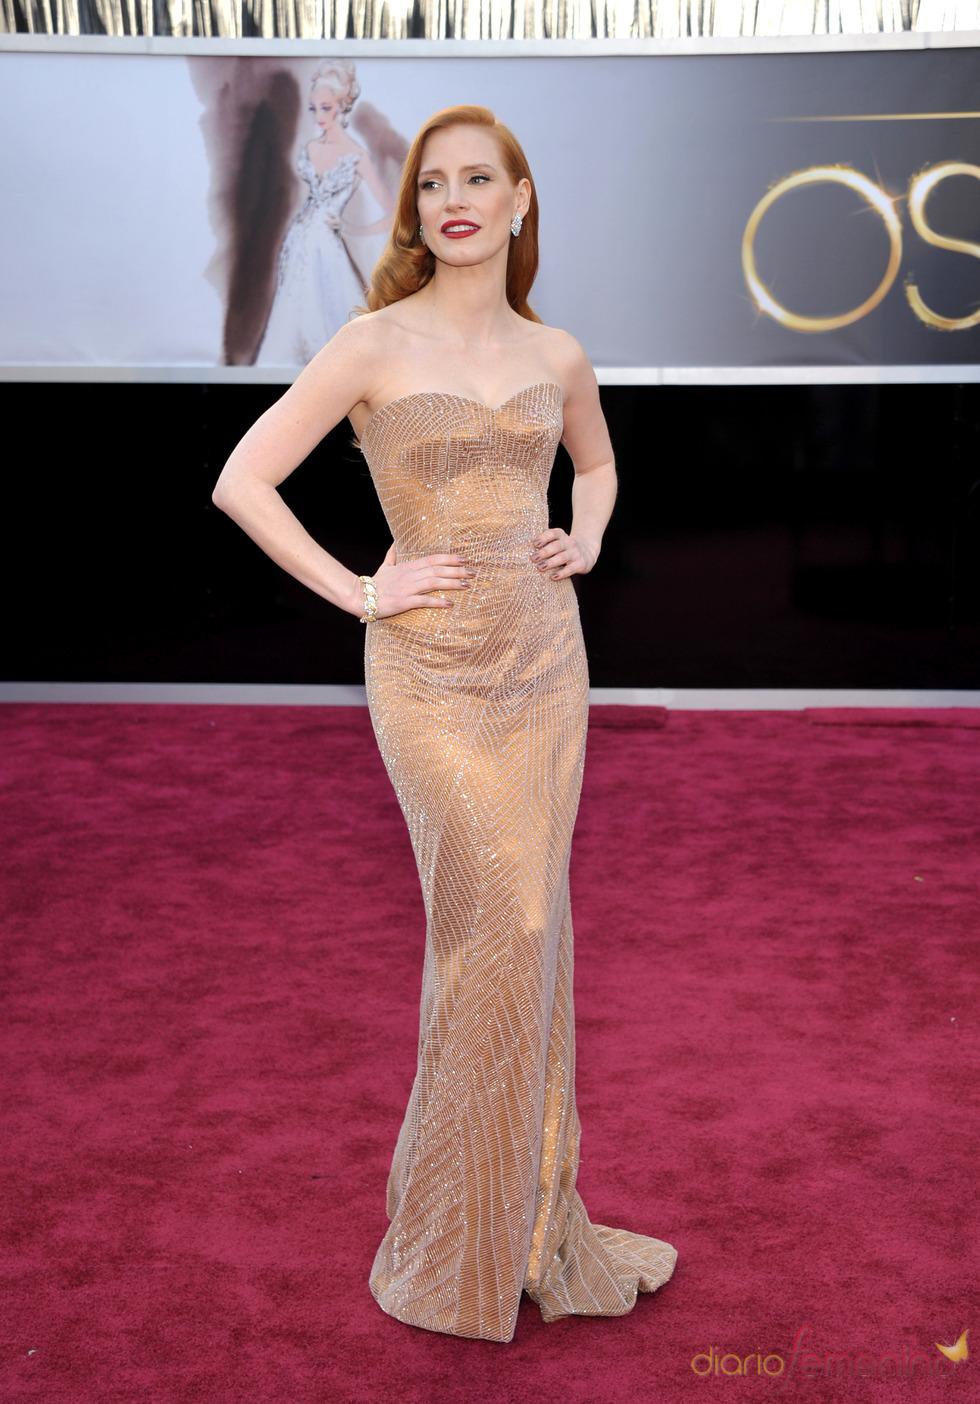 Jessica Chastain en la alfombra roja de los Oscars 2013